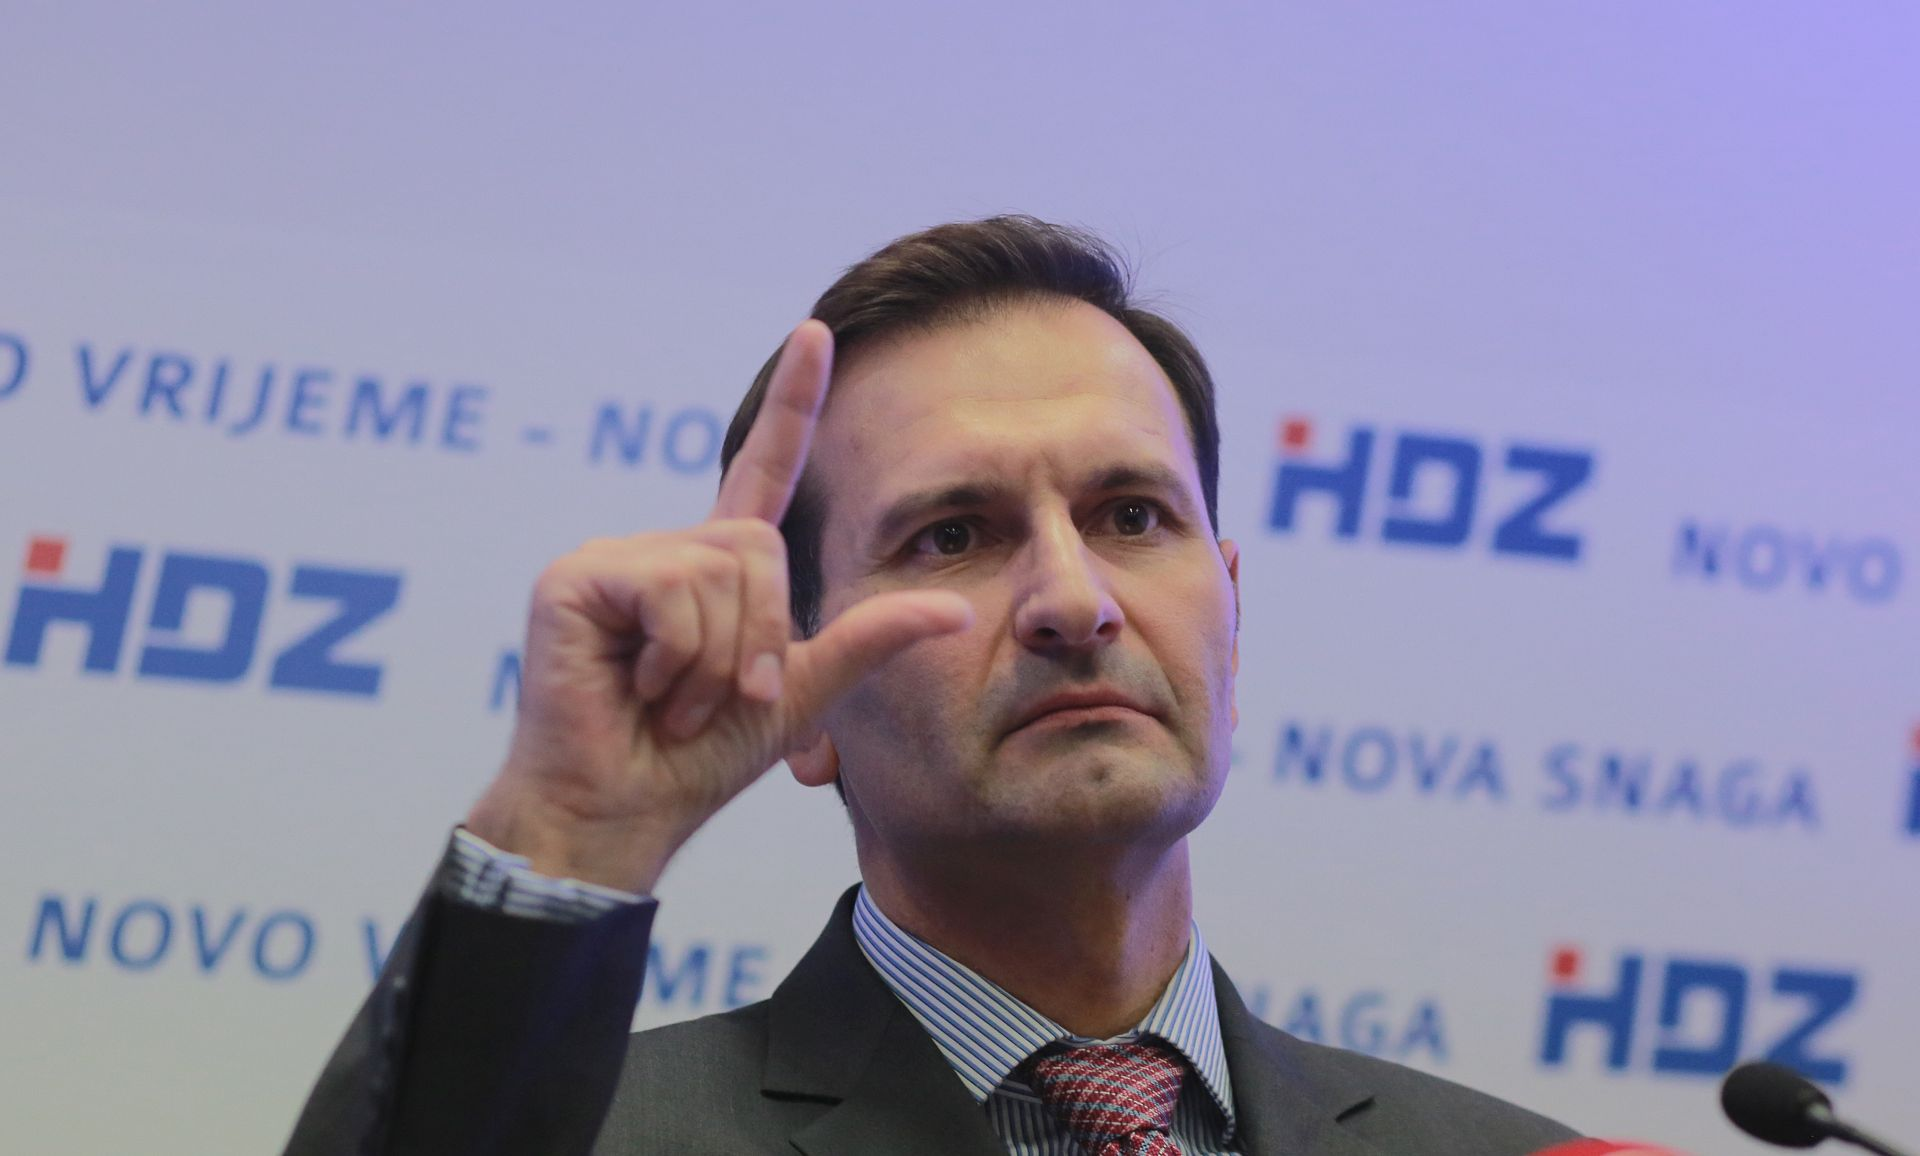 Kovač: Milanović ne upravlja krizom nego ona upravlja njime